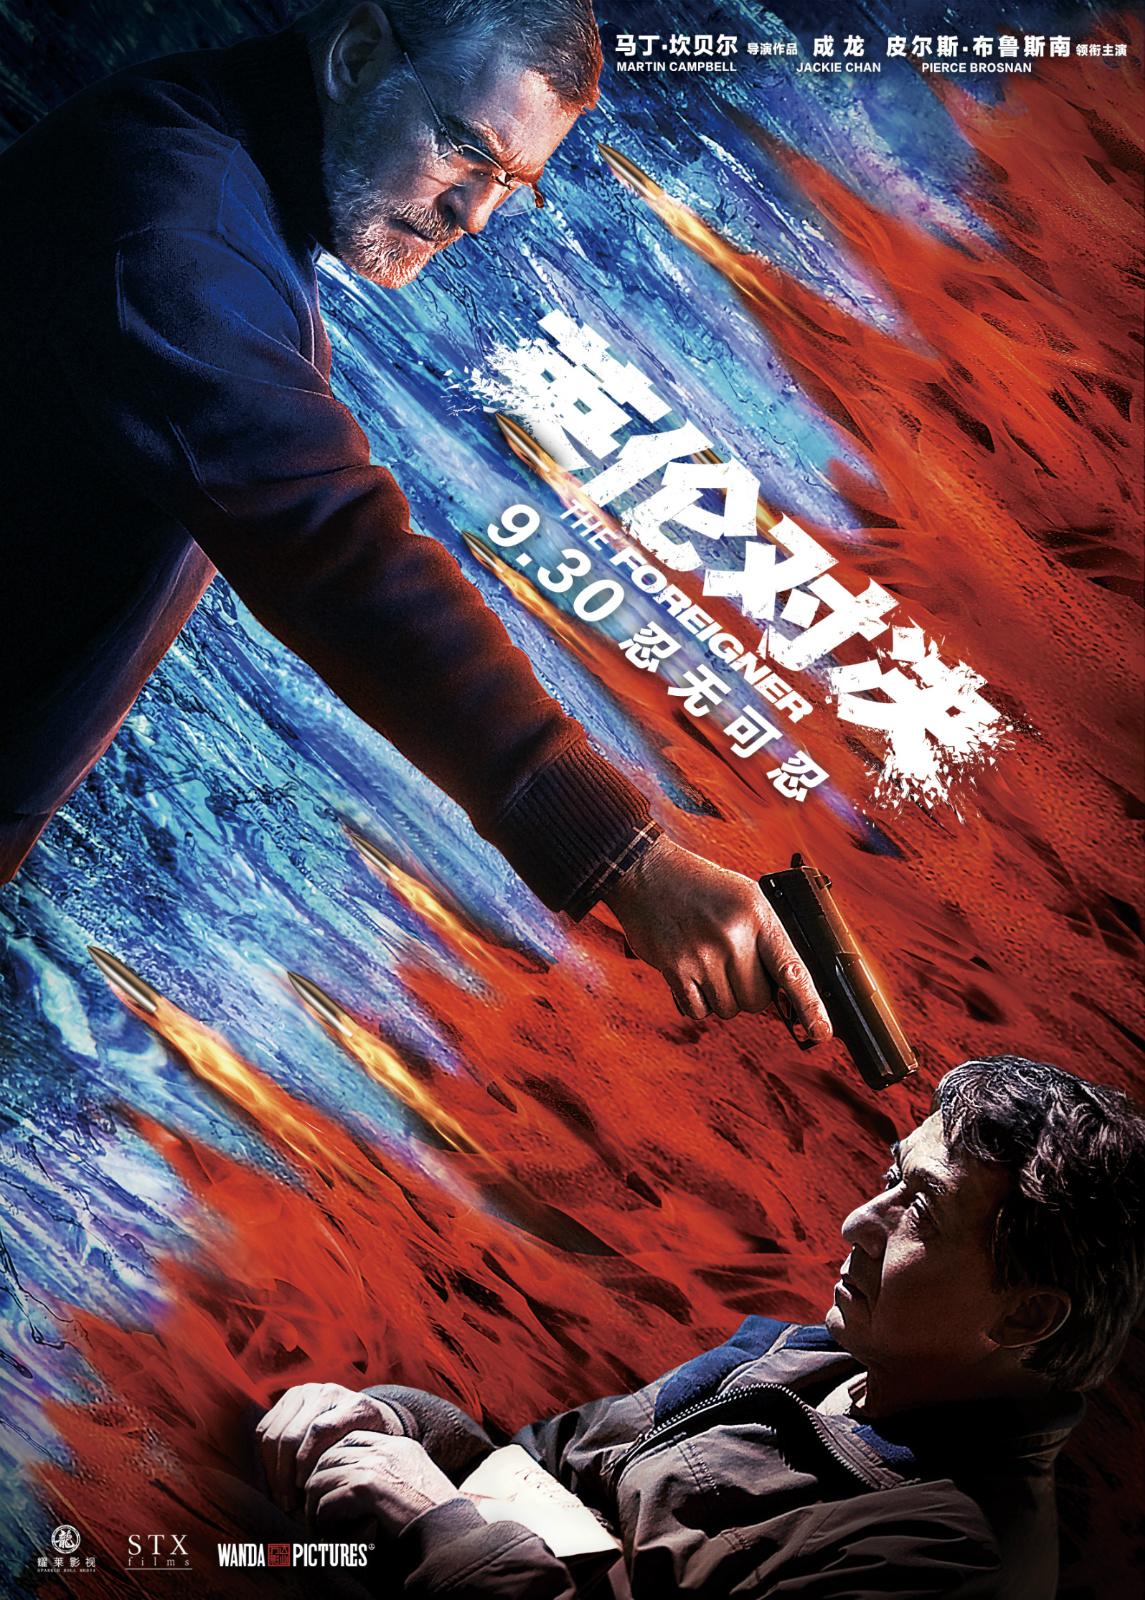 《英伦对决》成龙布鲁斯南初交锋 新预告海报双发